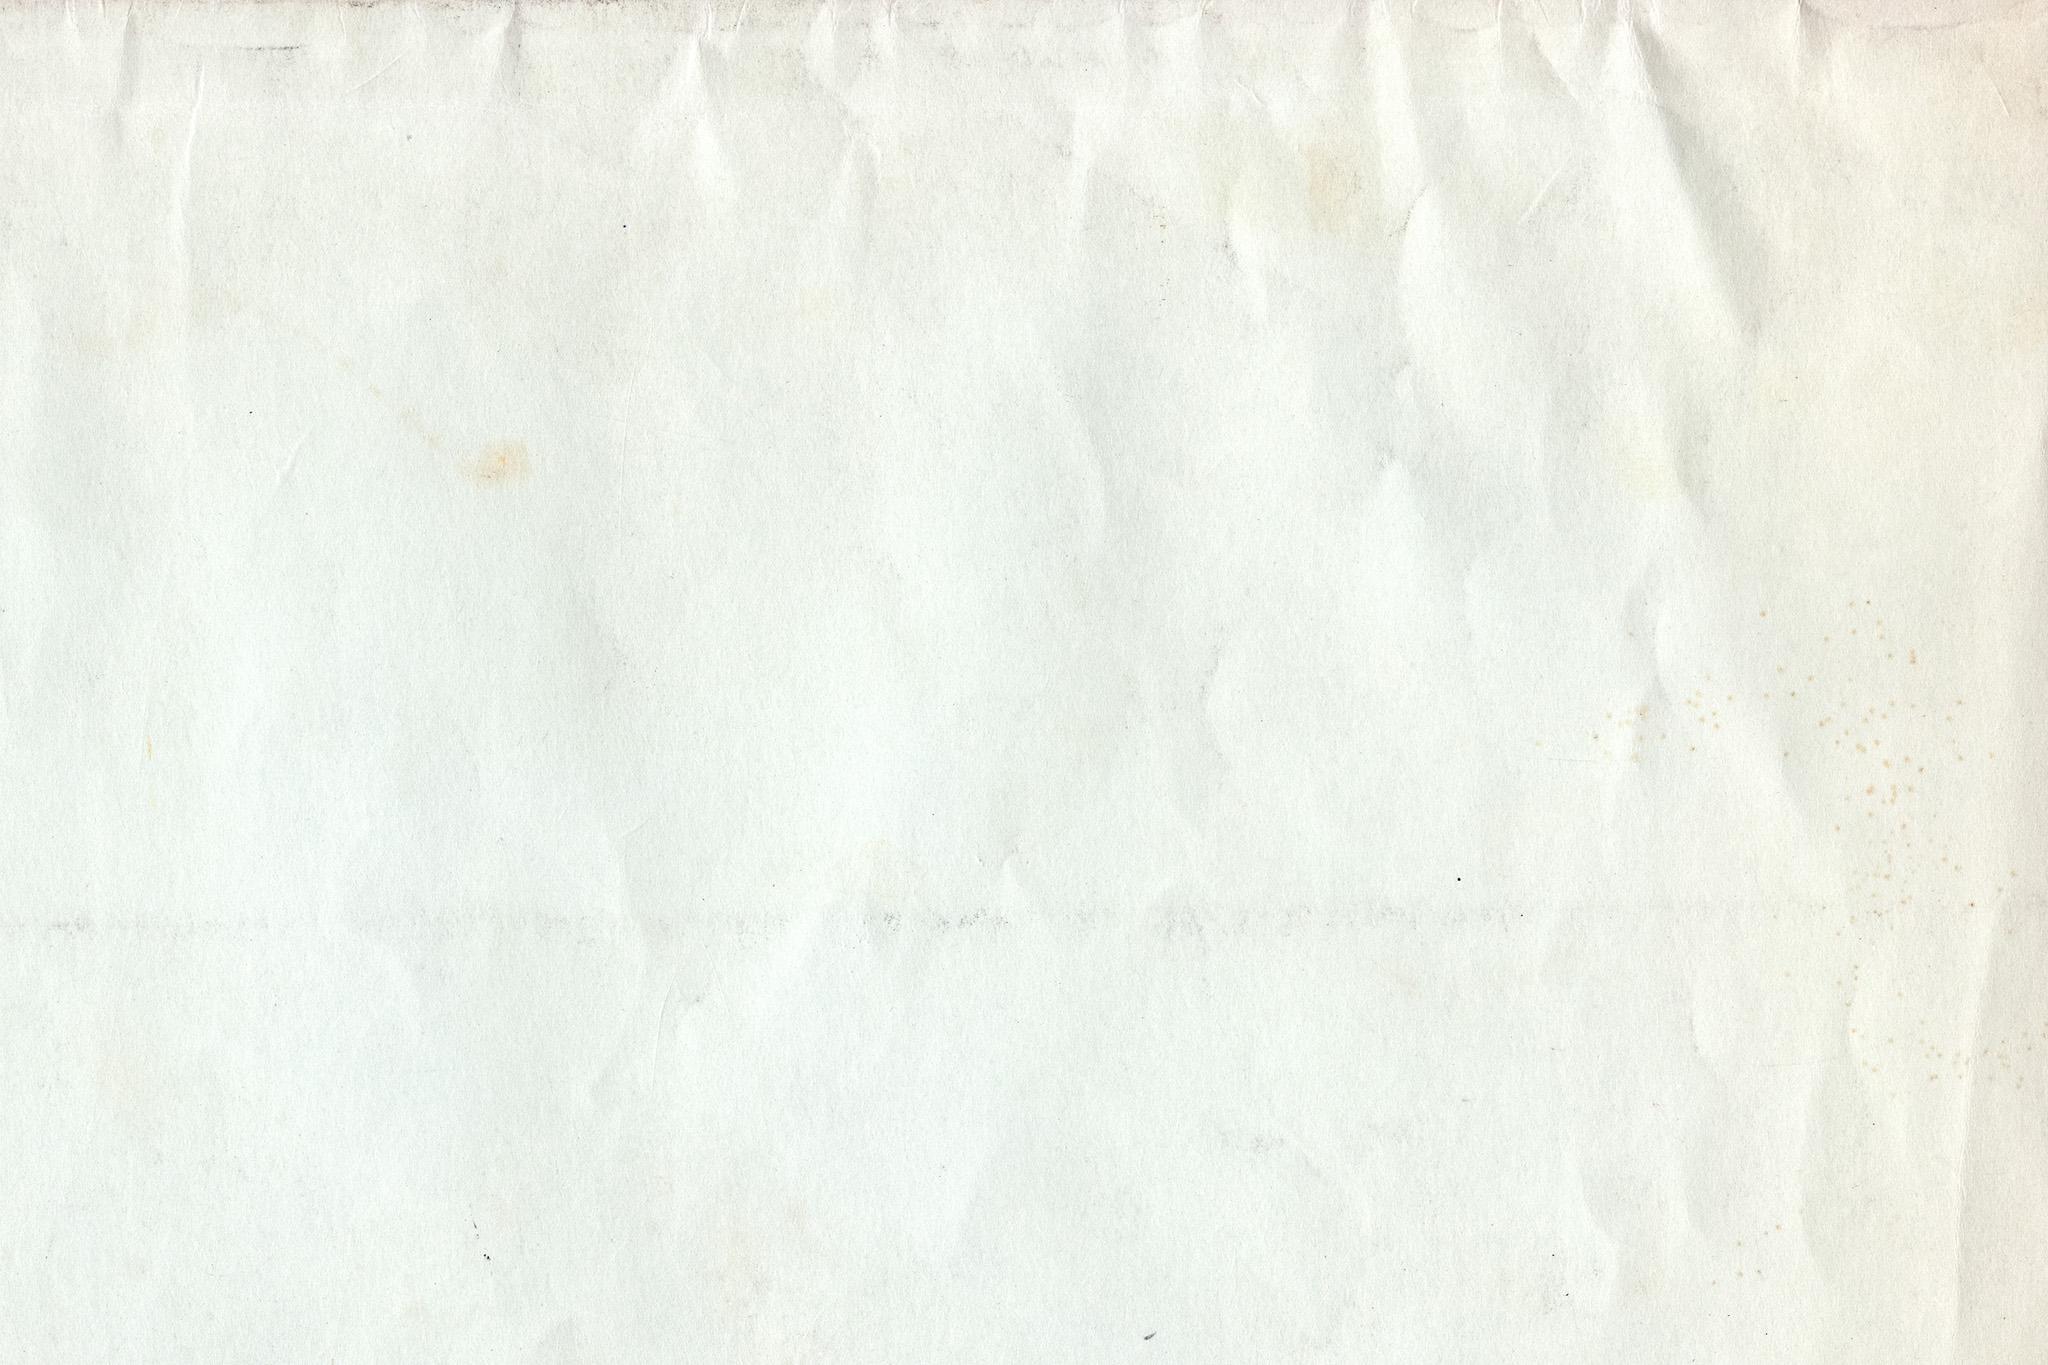 「しわやシミがある白い紙」